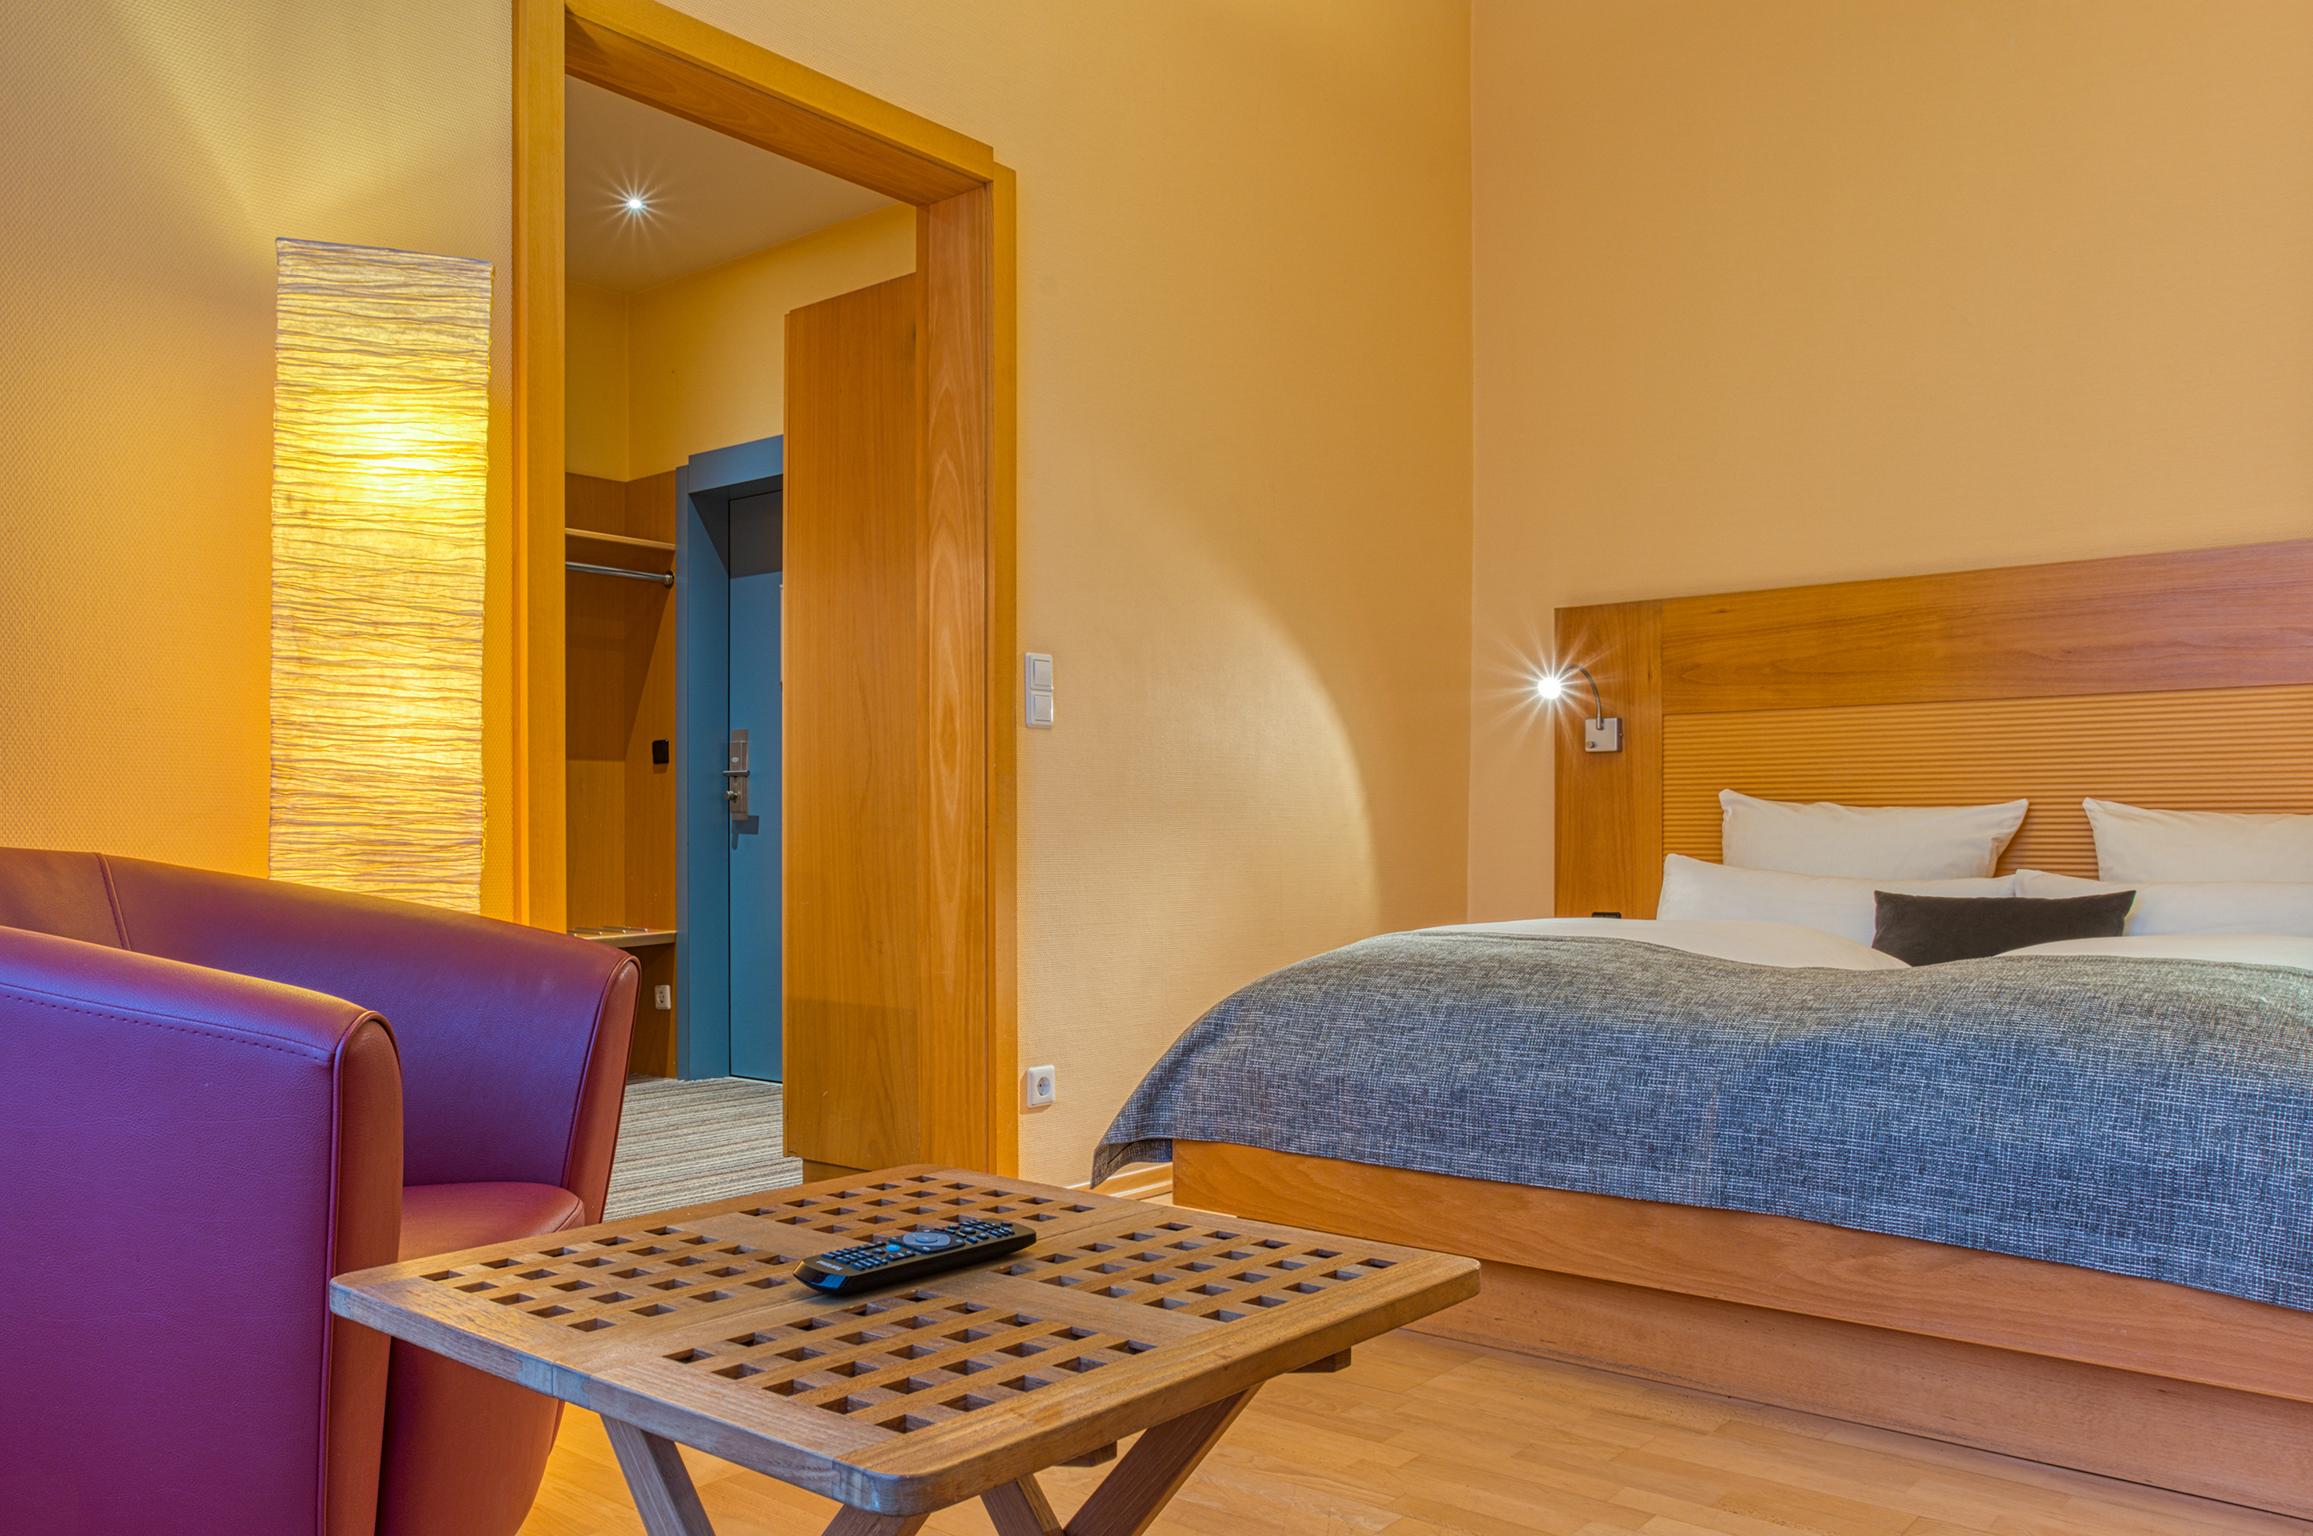 bremen_best-western-hotel-bremen-city_dz